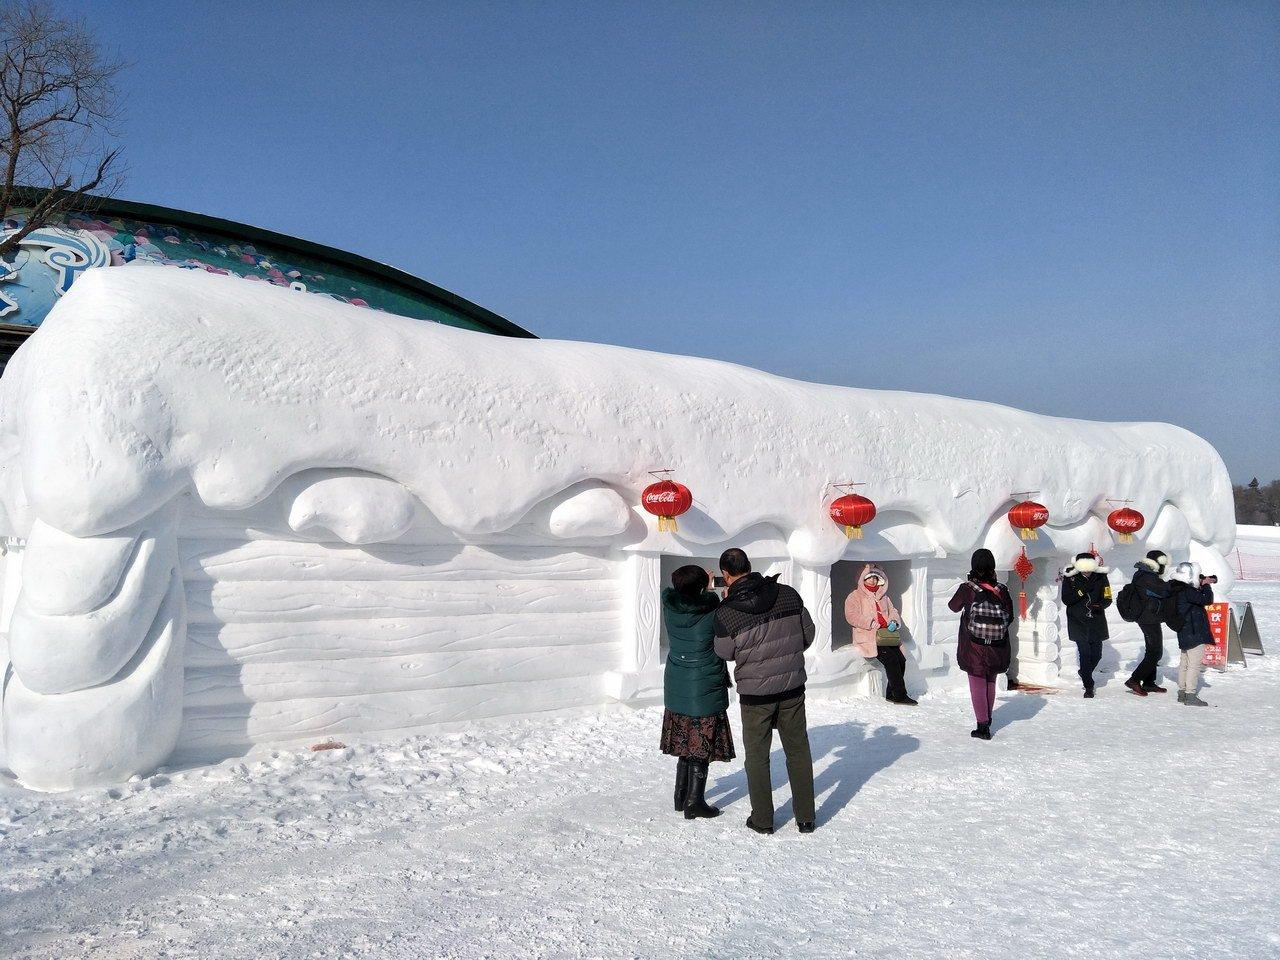 从依然短袖的南方飞到冰雪天地的北国哈尔滨,在香格里拉玩爽了